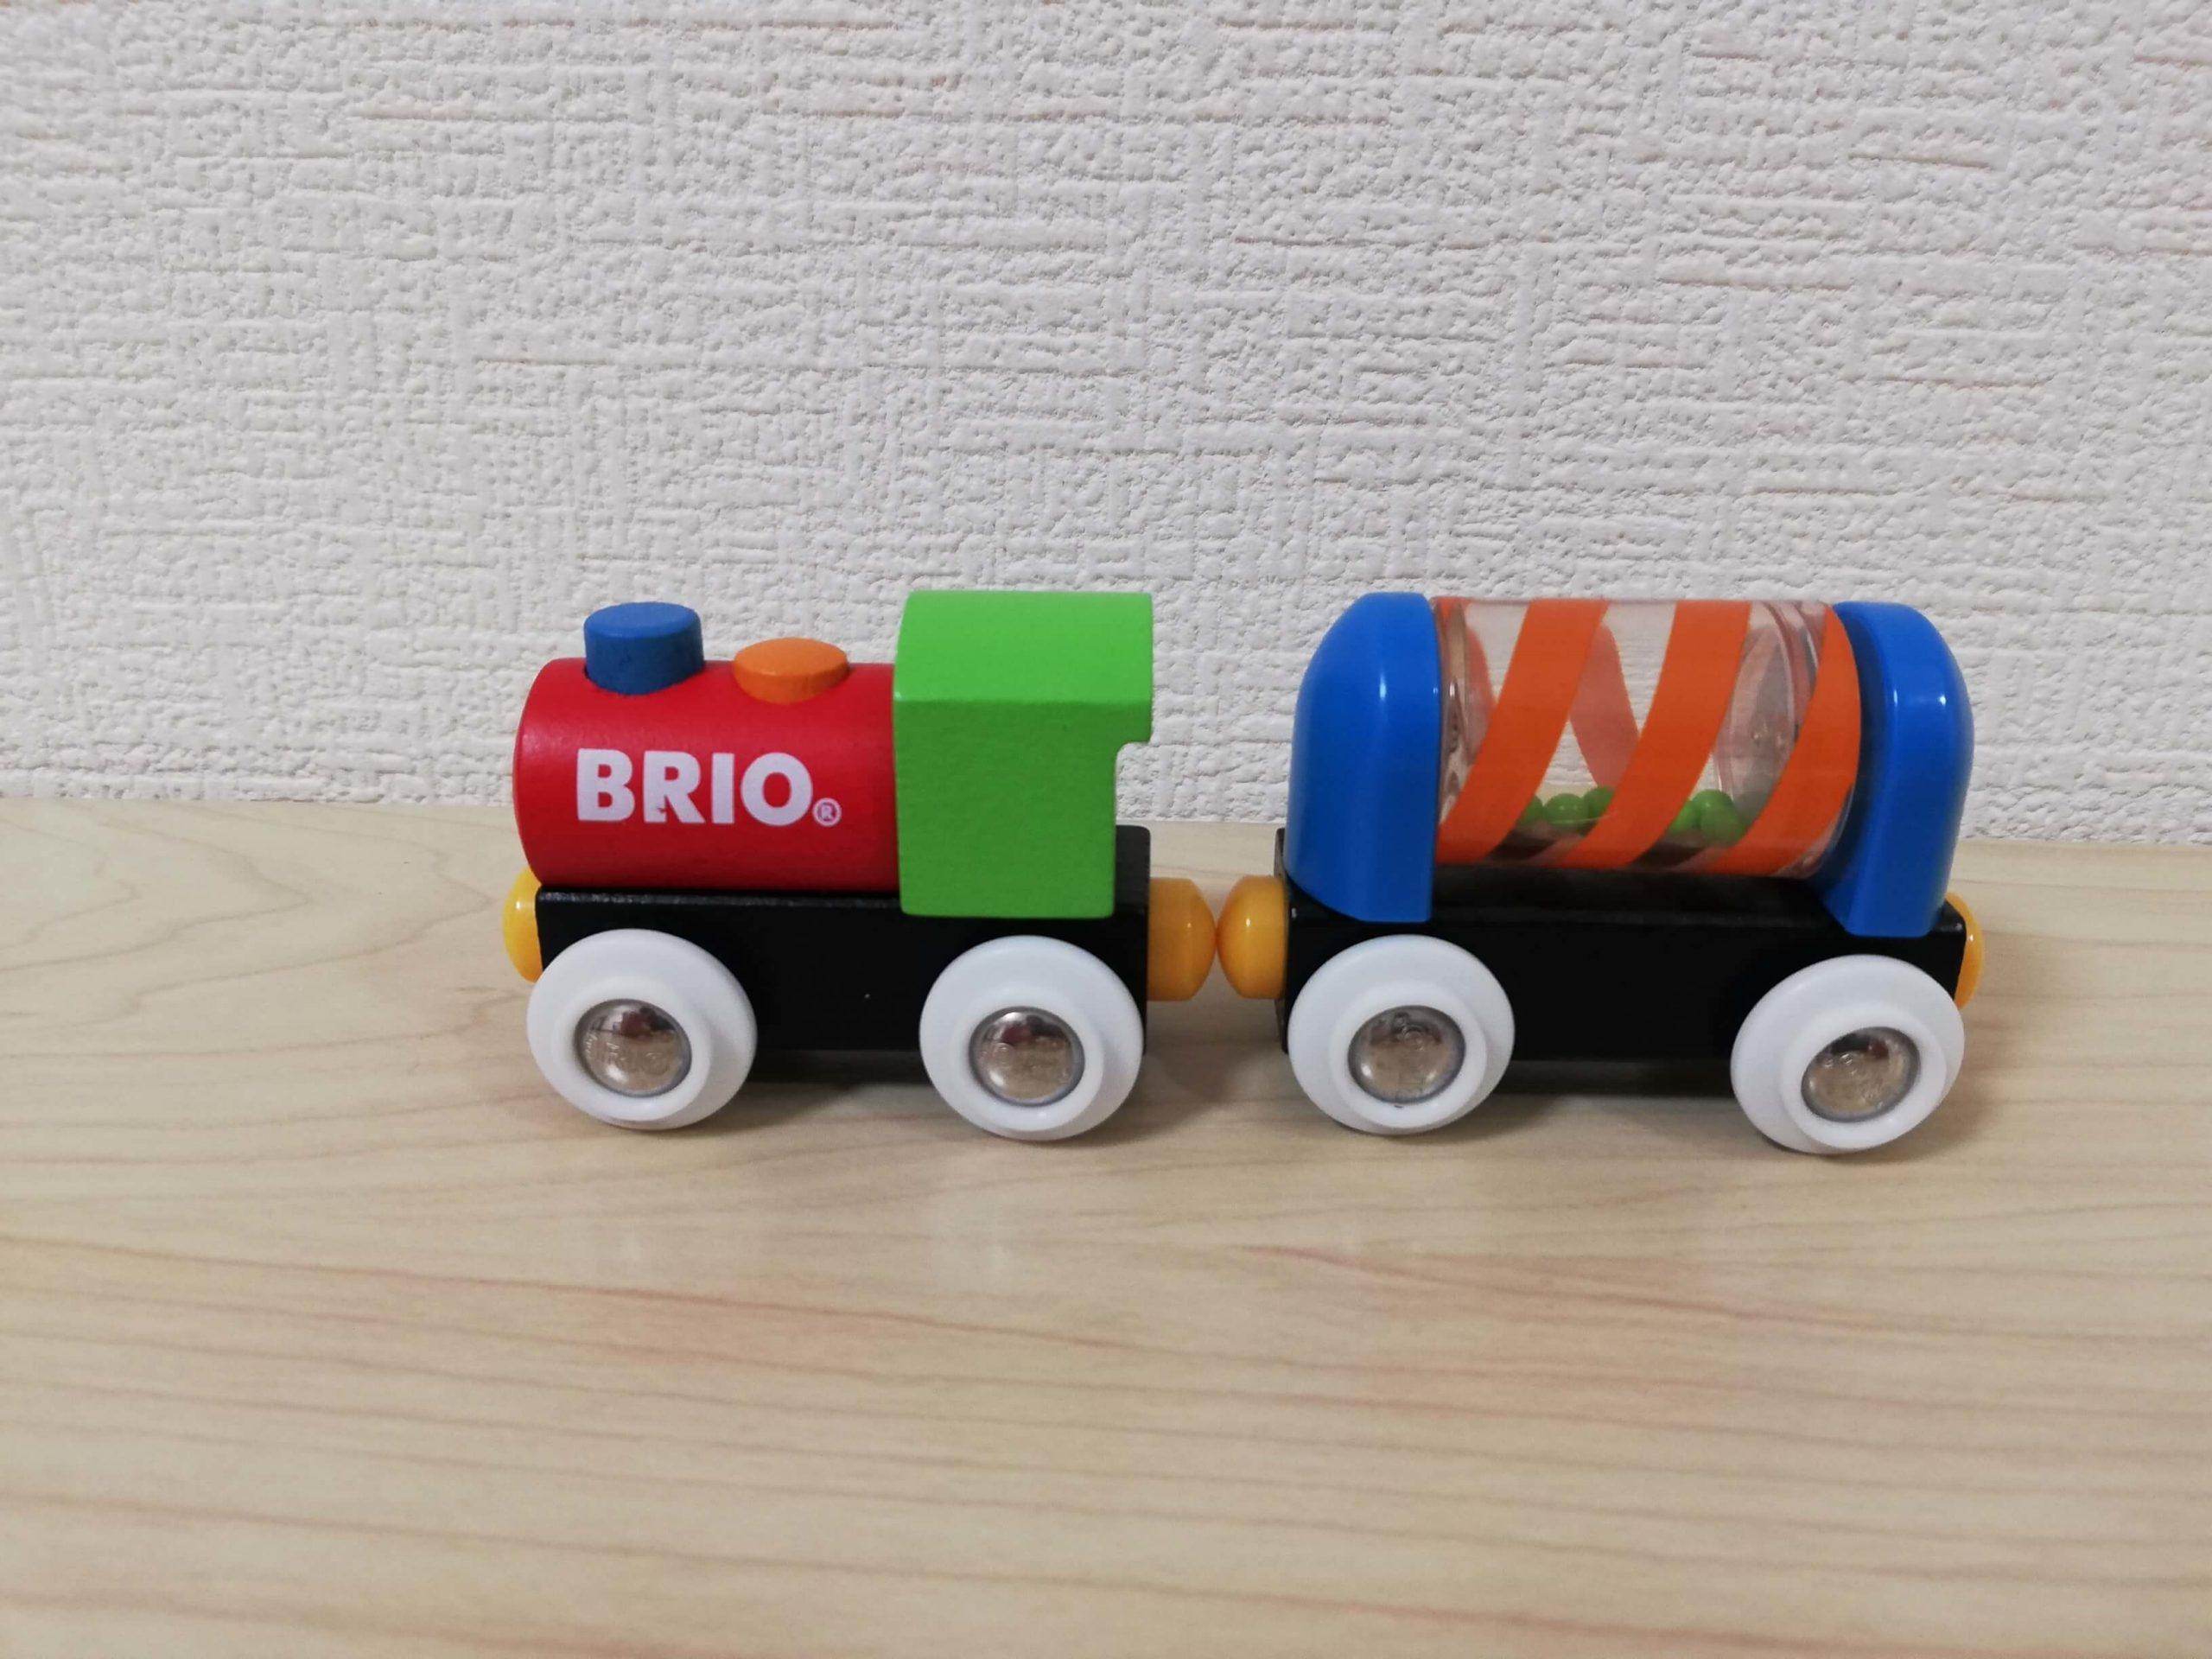 グーン ぜったいもらえる!キャンペーン BRIO 列車